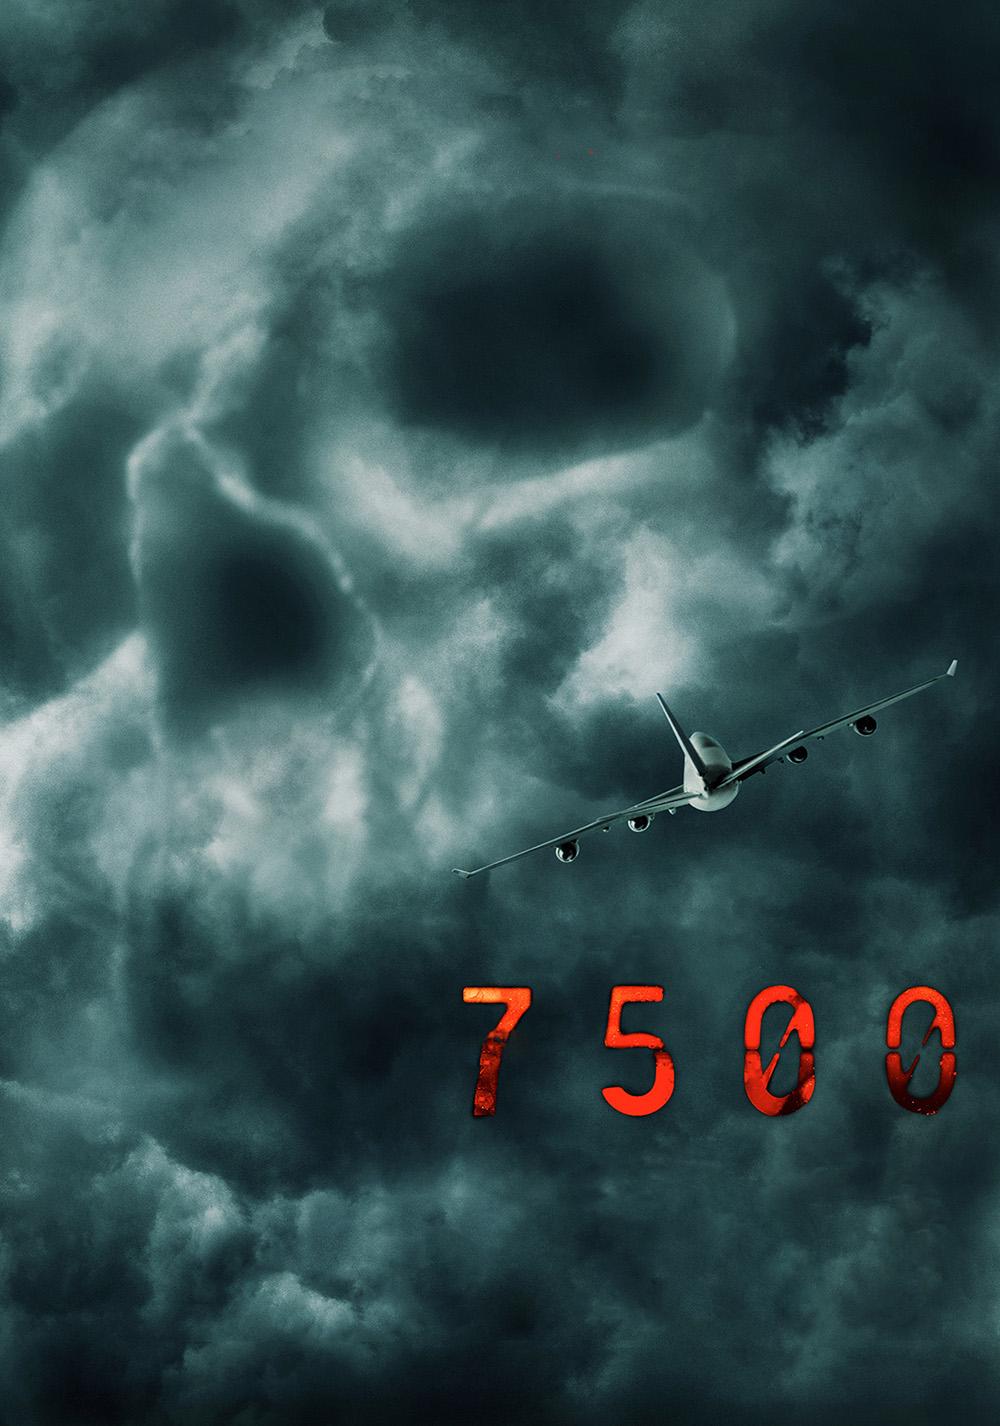 7500.jpg